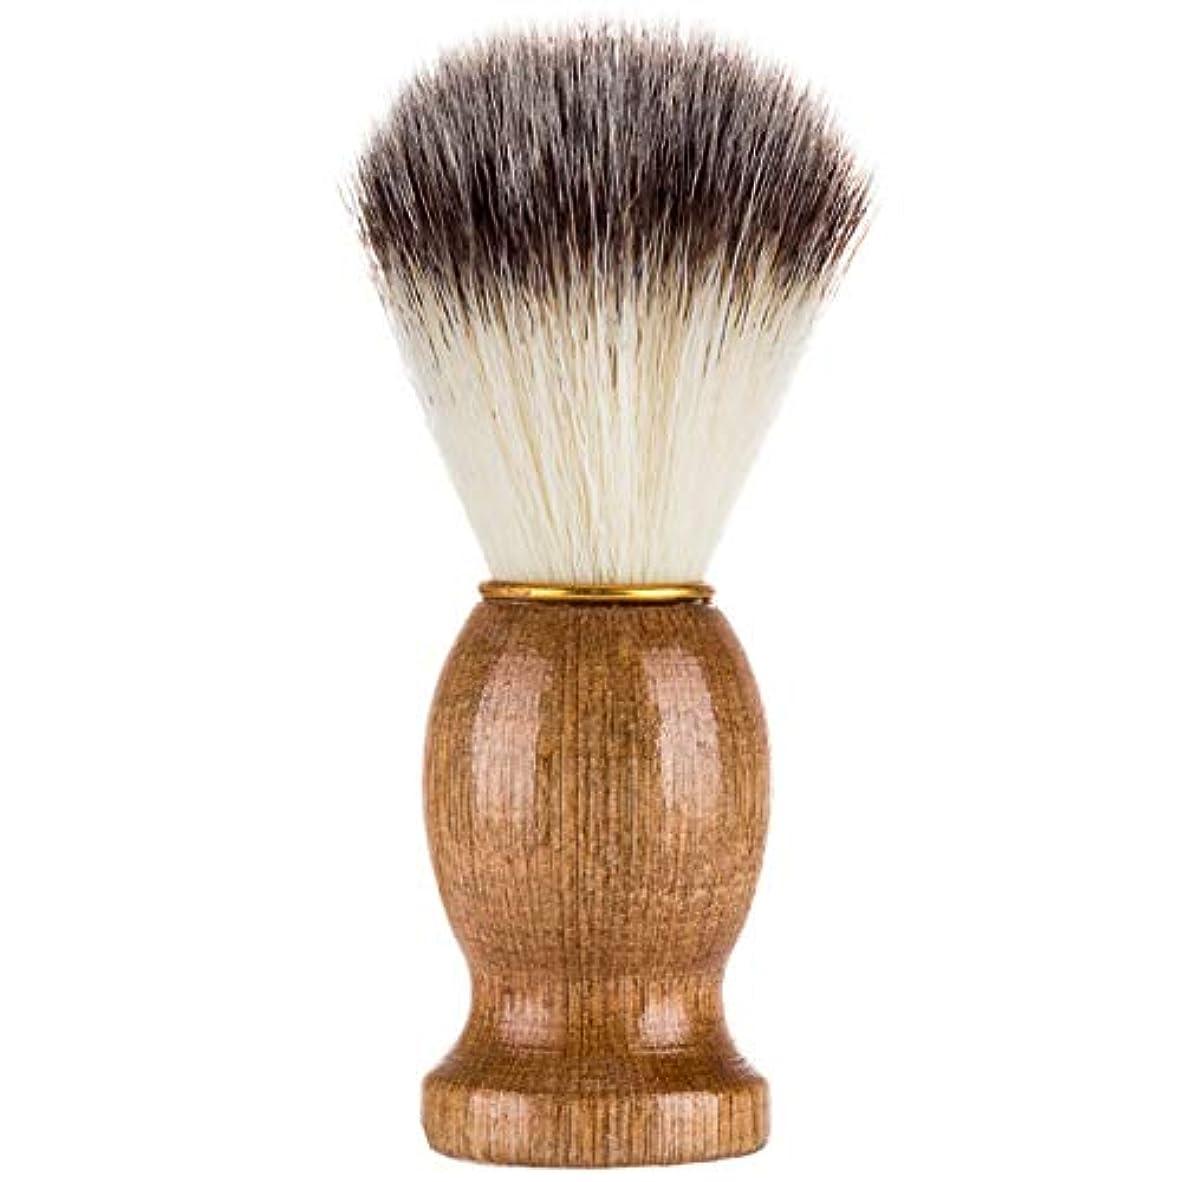 実際の不均一アンケートソフトヘアメイクブラシメンズシェービングブラシ品質剛毛新しいポータブルハイエンドひげブラシ美容ツール